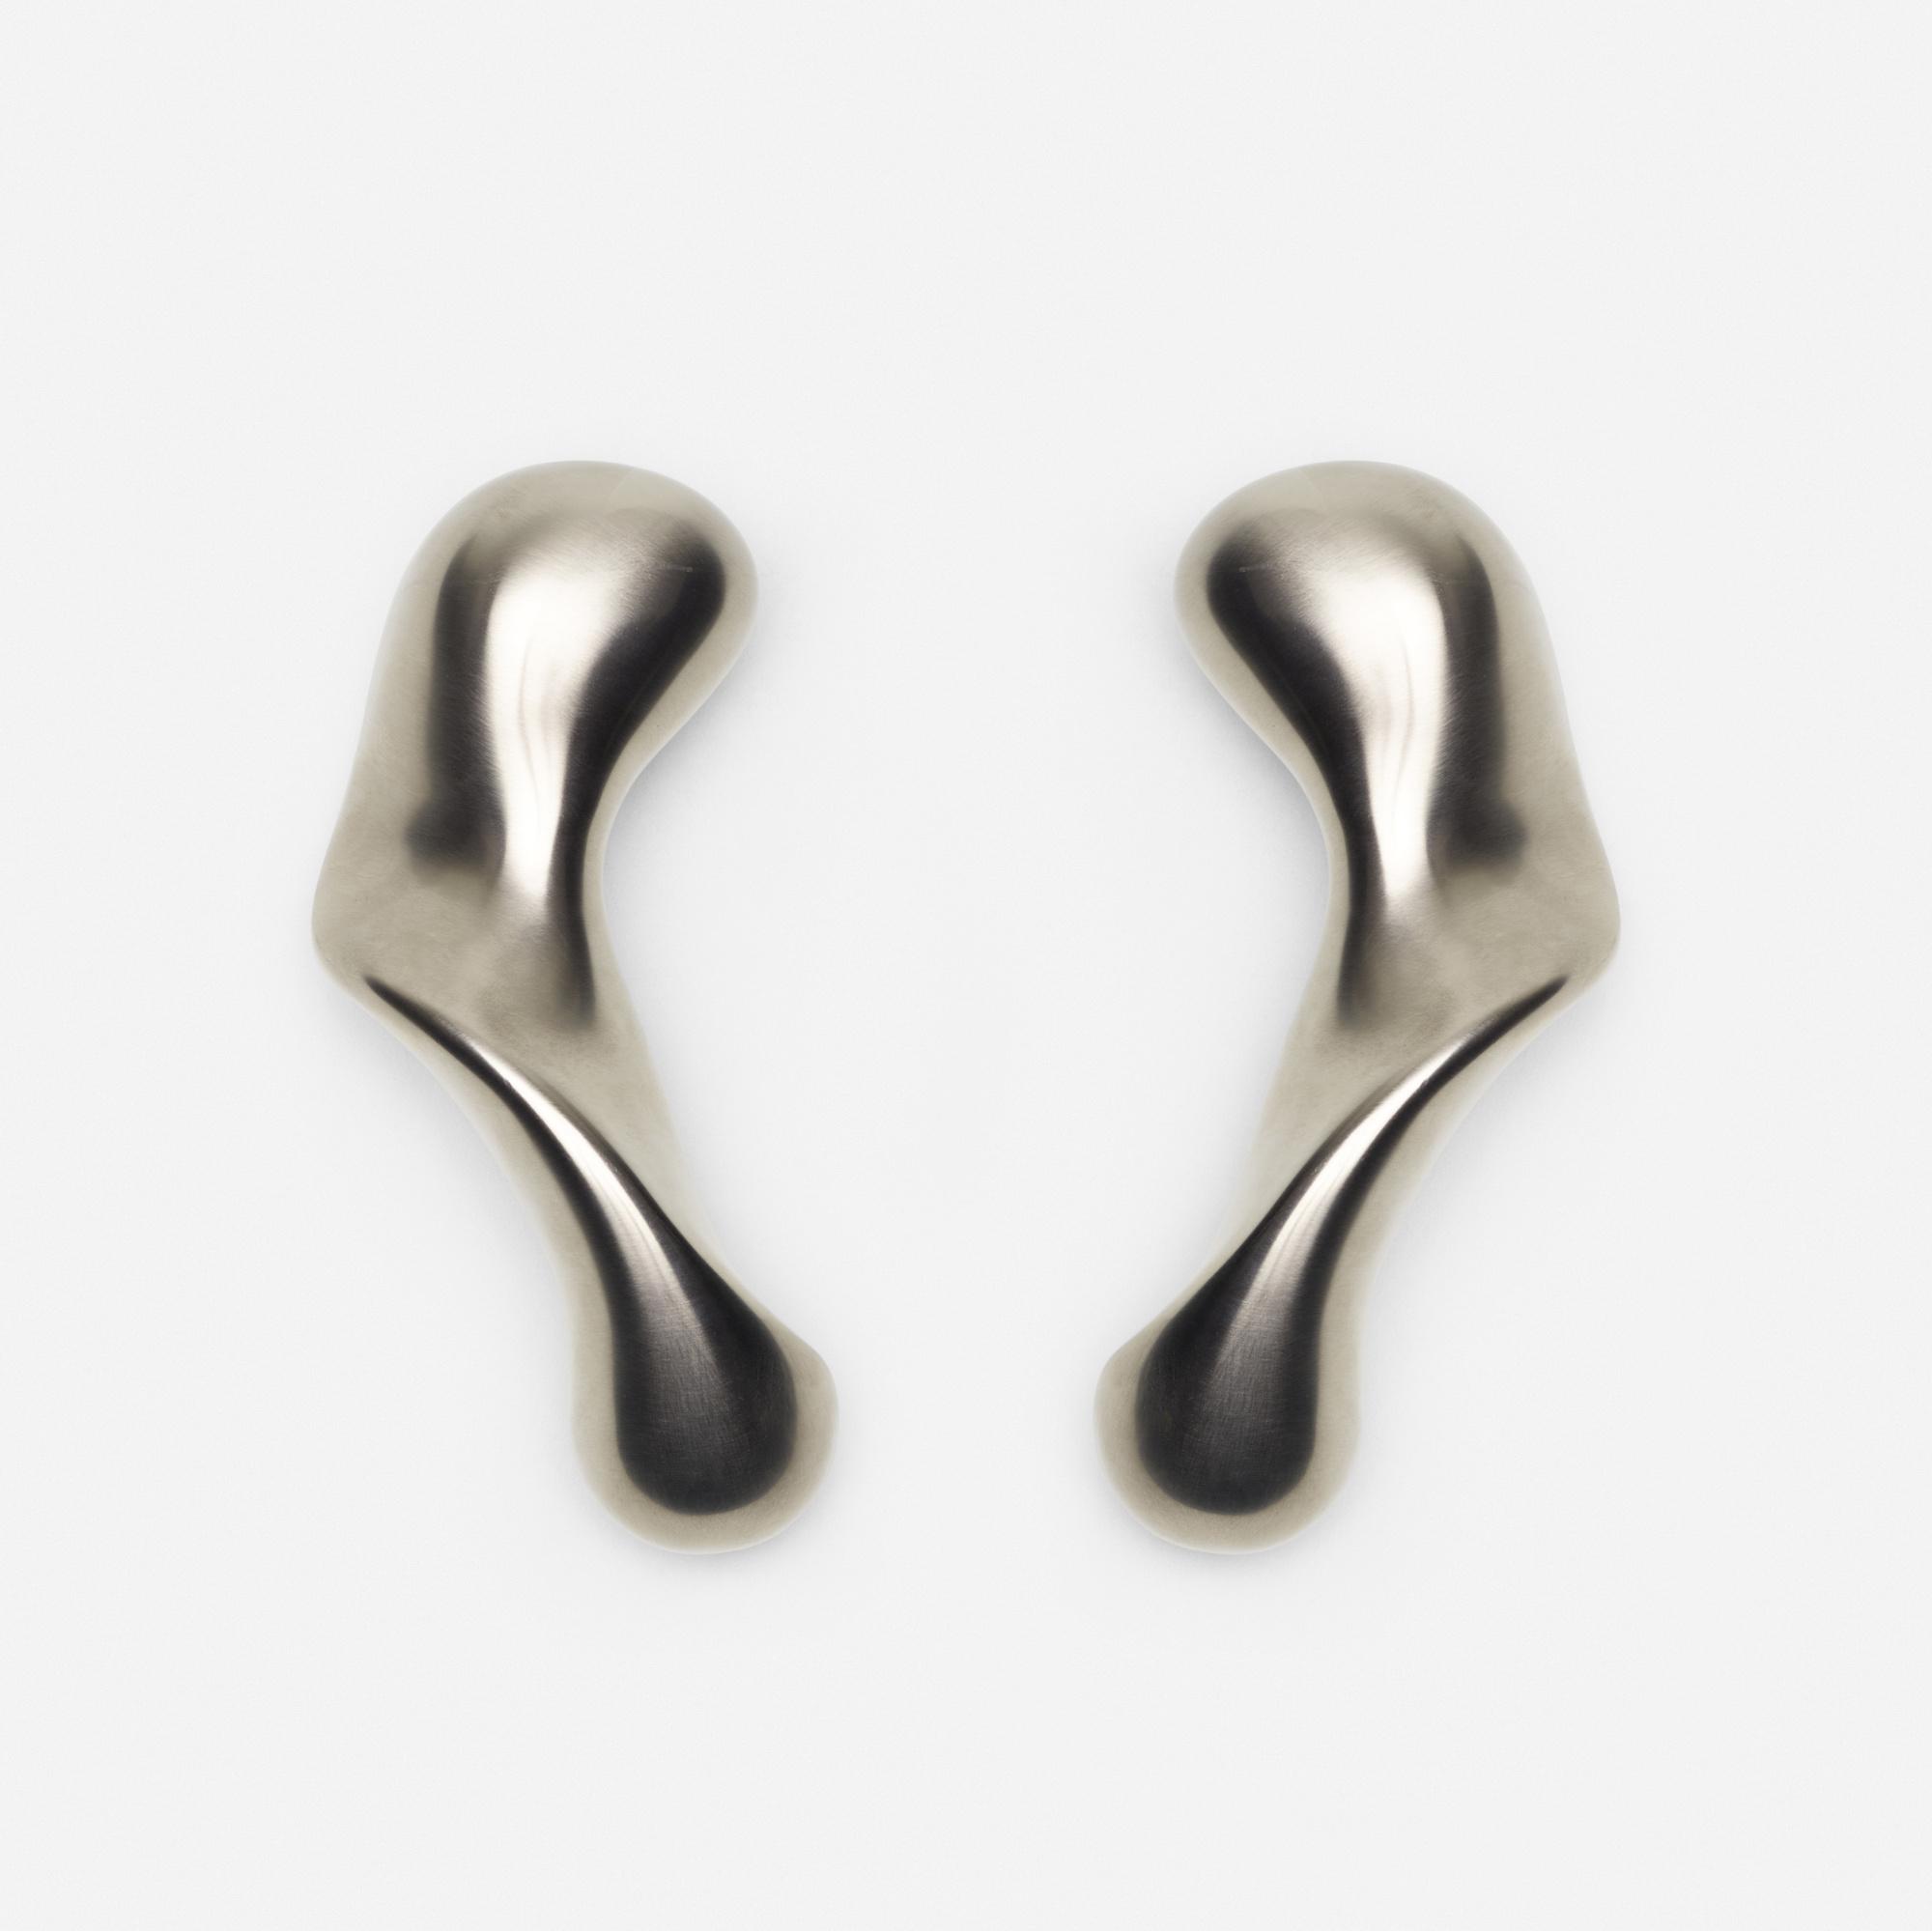 Philippe Starck Dumbbells